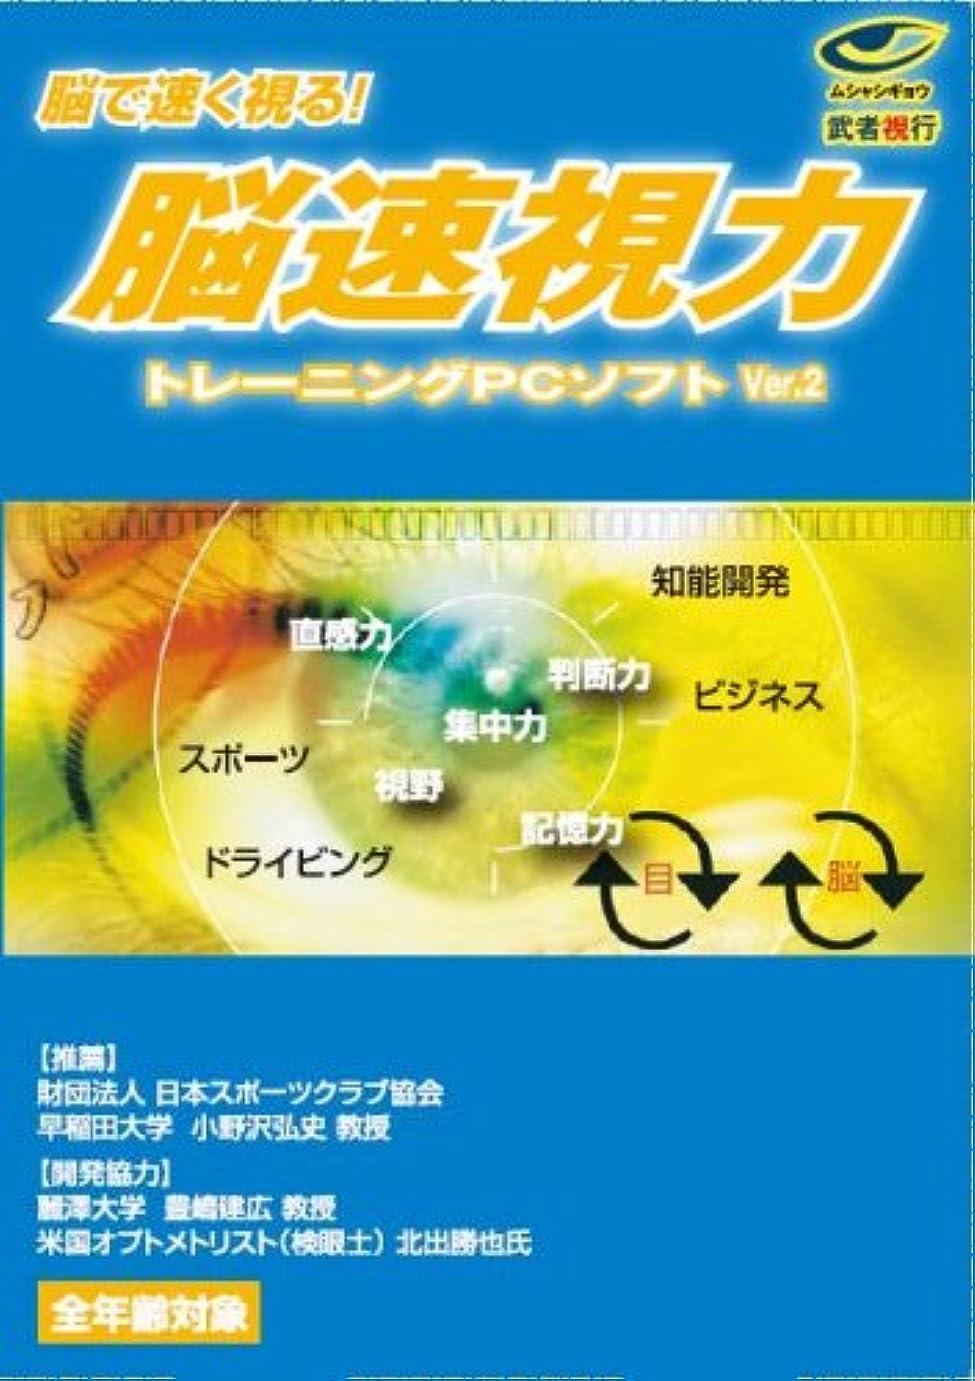 時系列まっすぐにする通行人武者視行 脳速視力トレーニングPCソフトVer.2